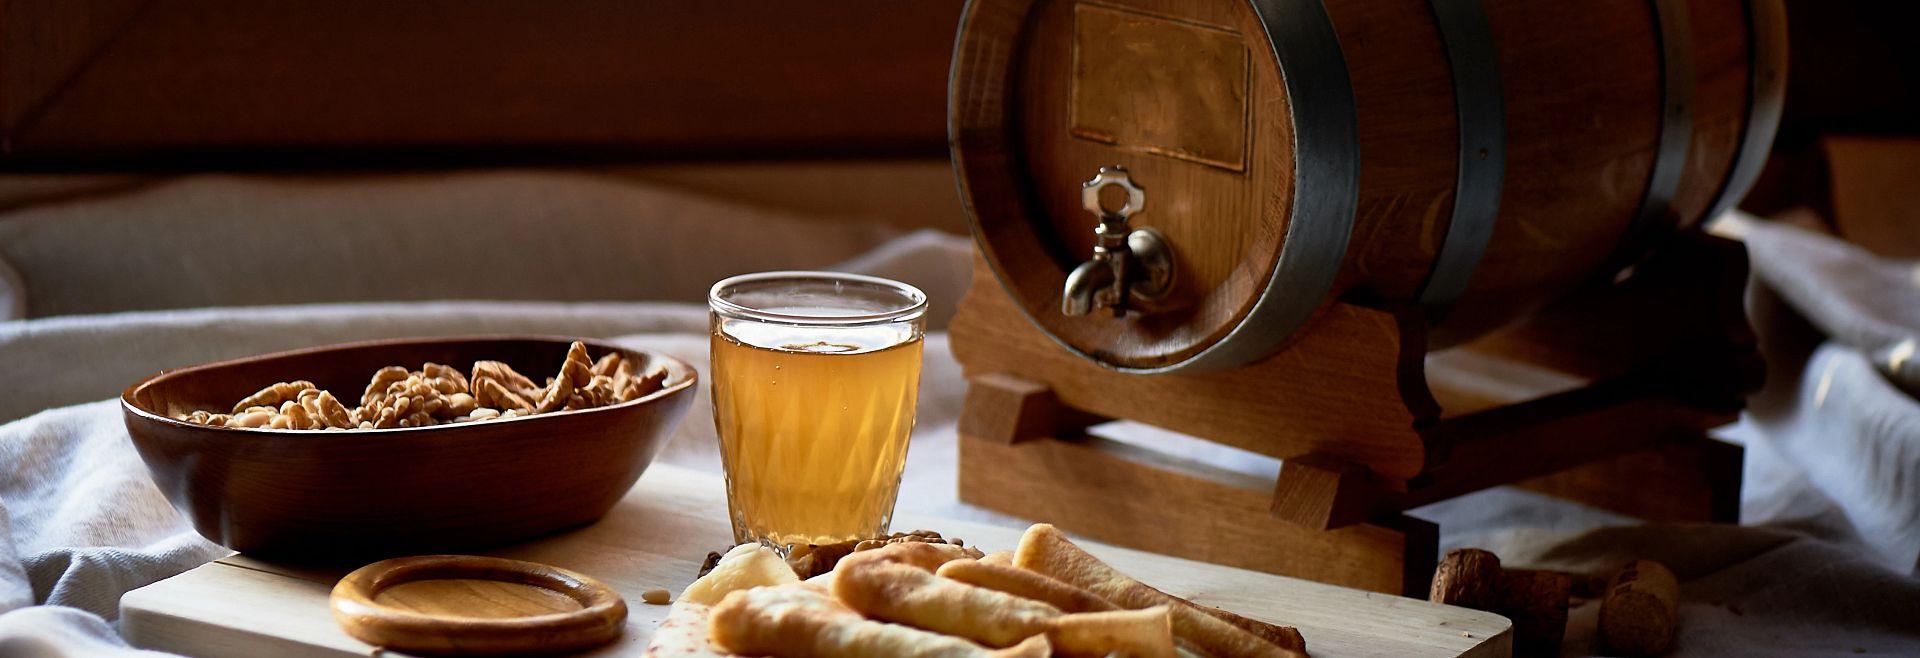 Mead Beverage Oak Barrel Snacks Getty Image